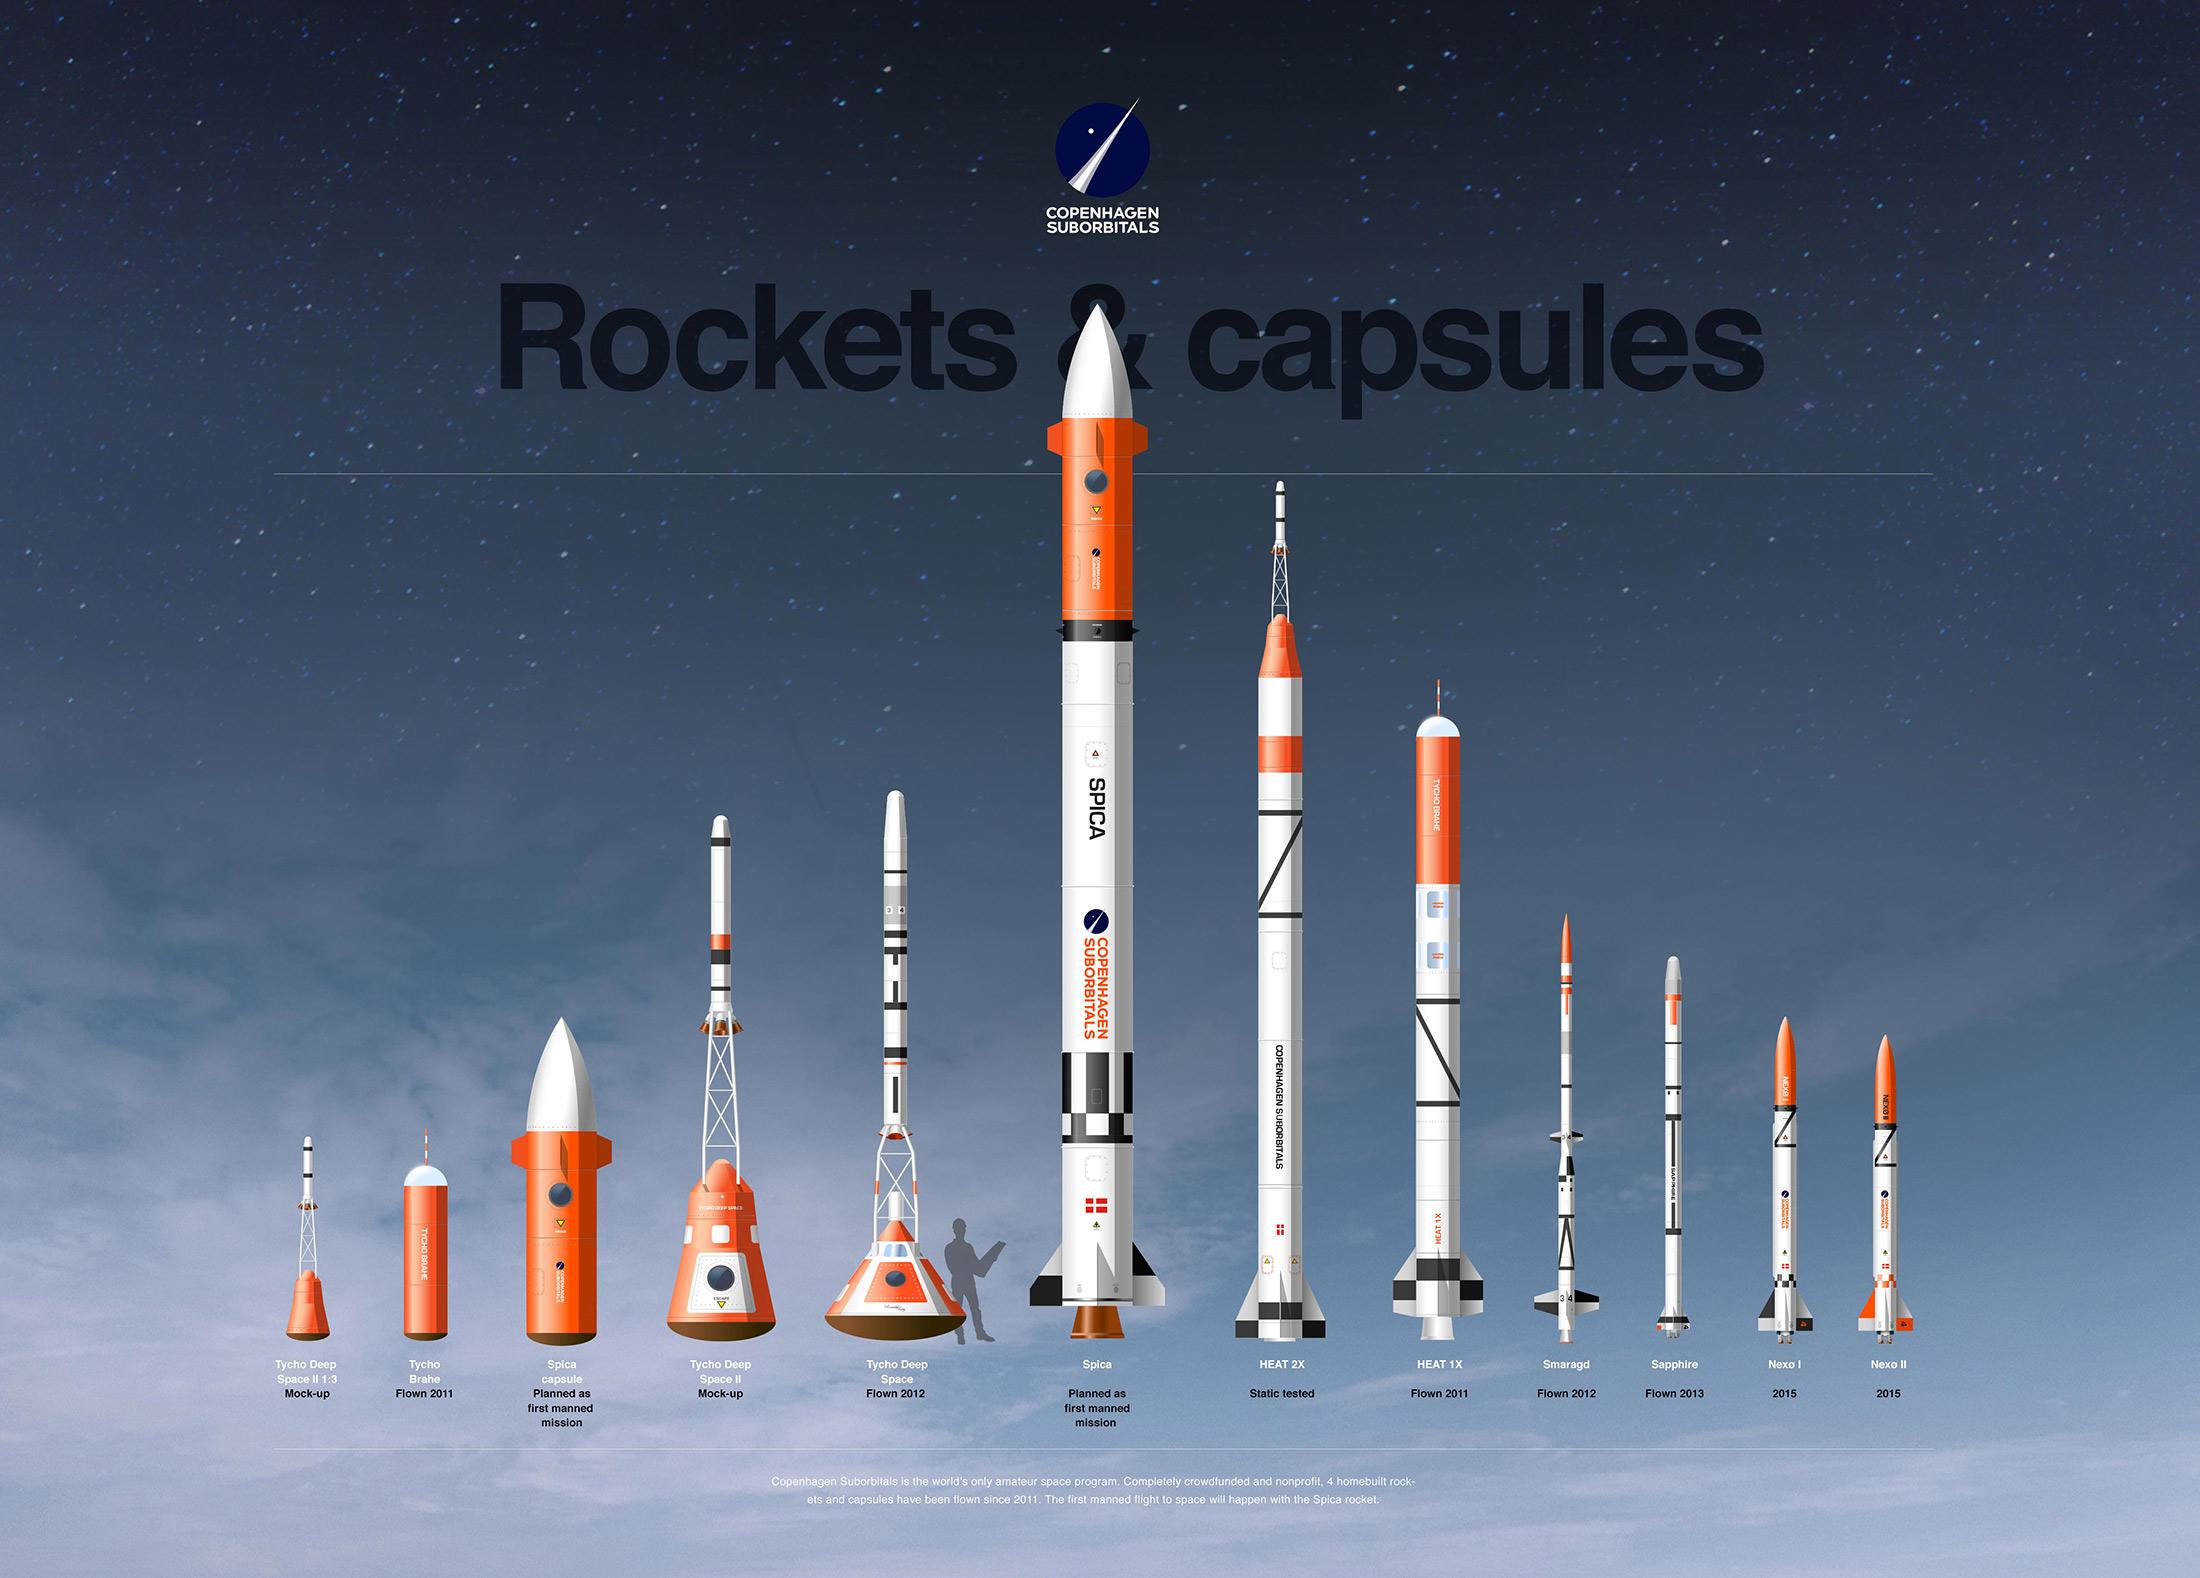 Copenhagen Suborbitals Rockets & Capsules